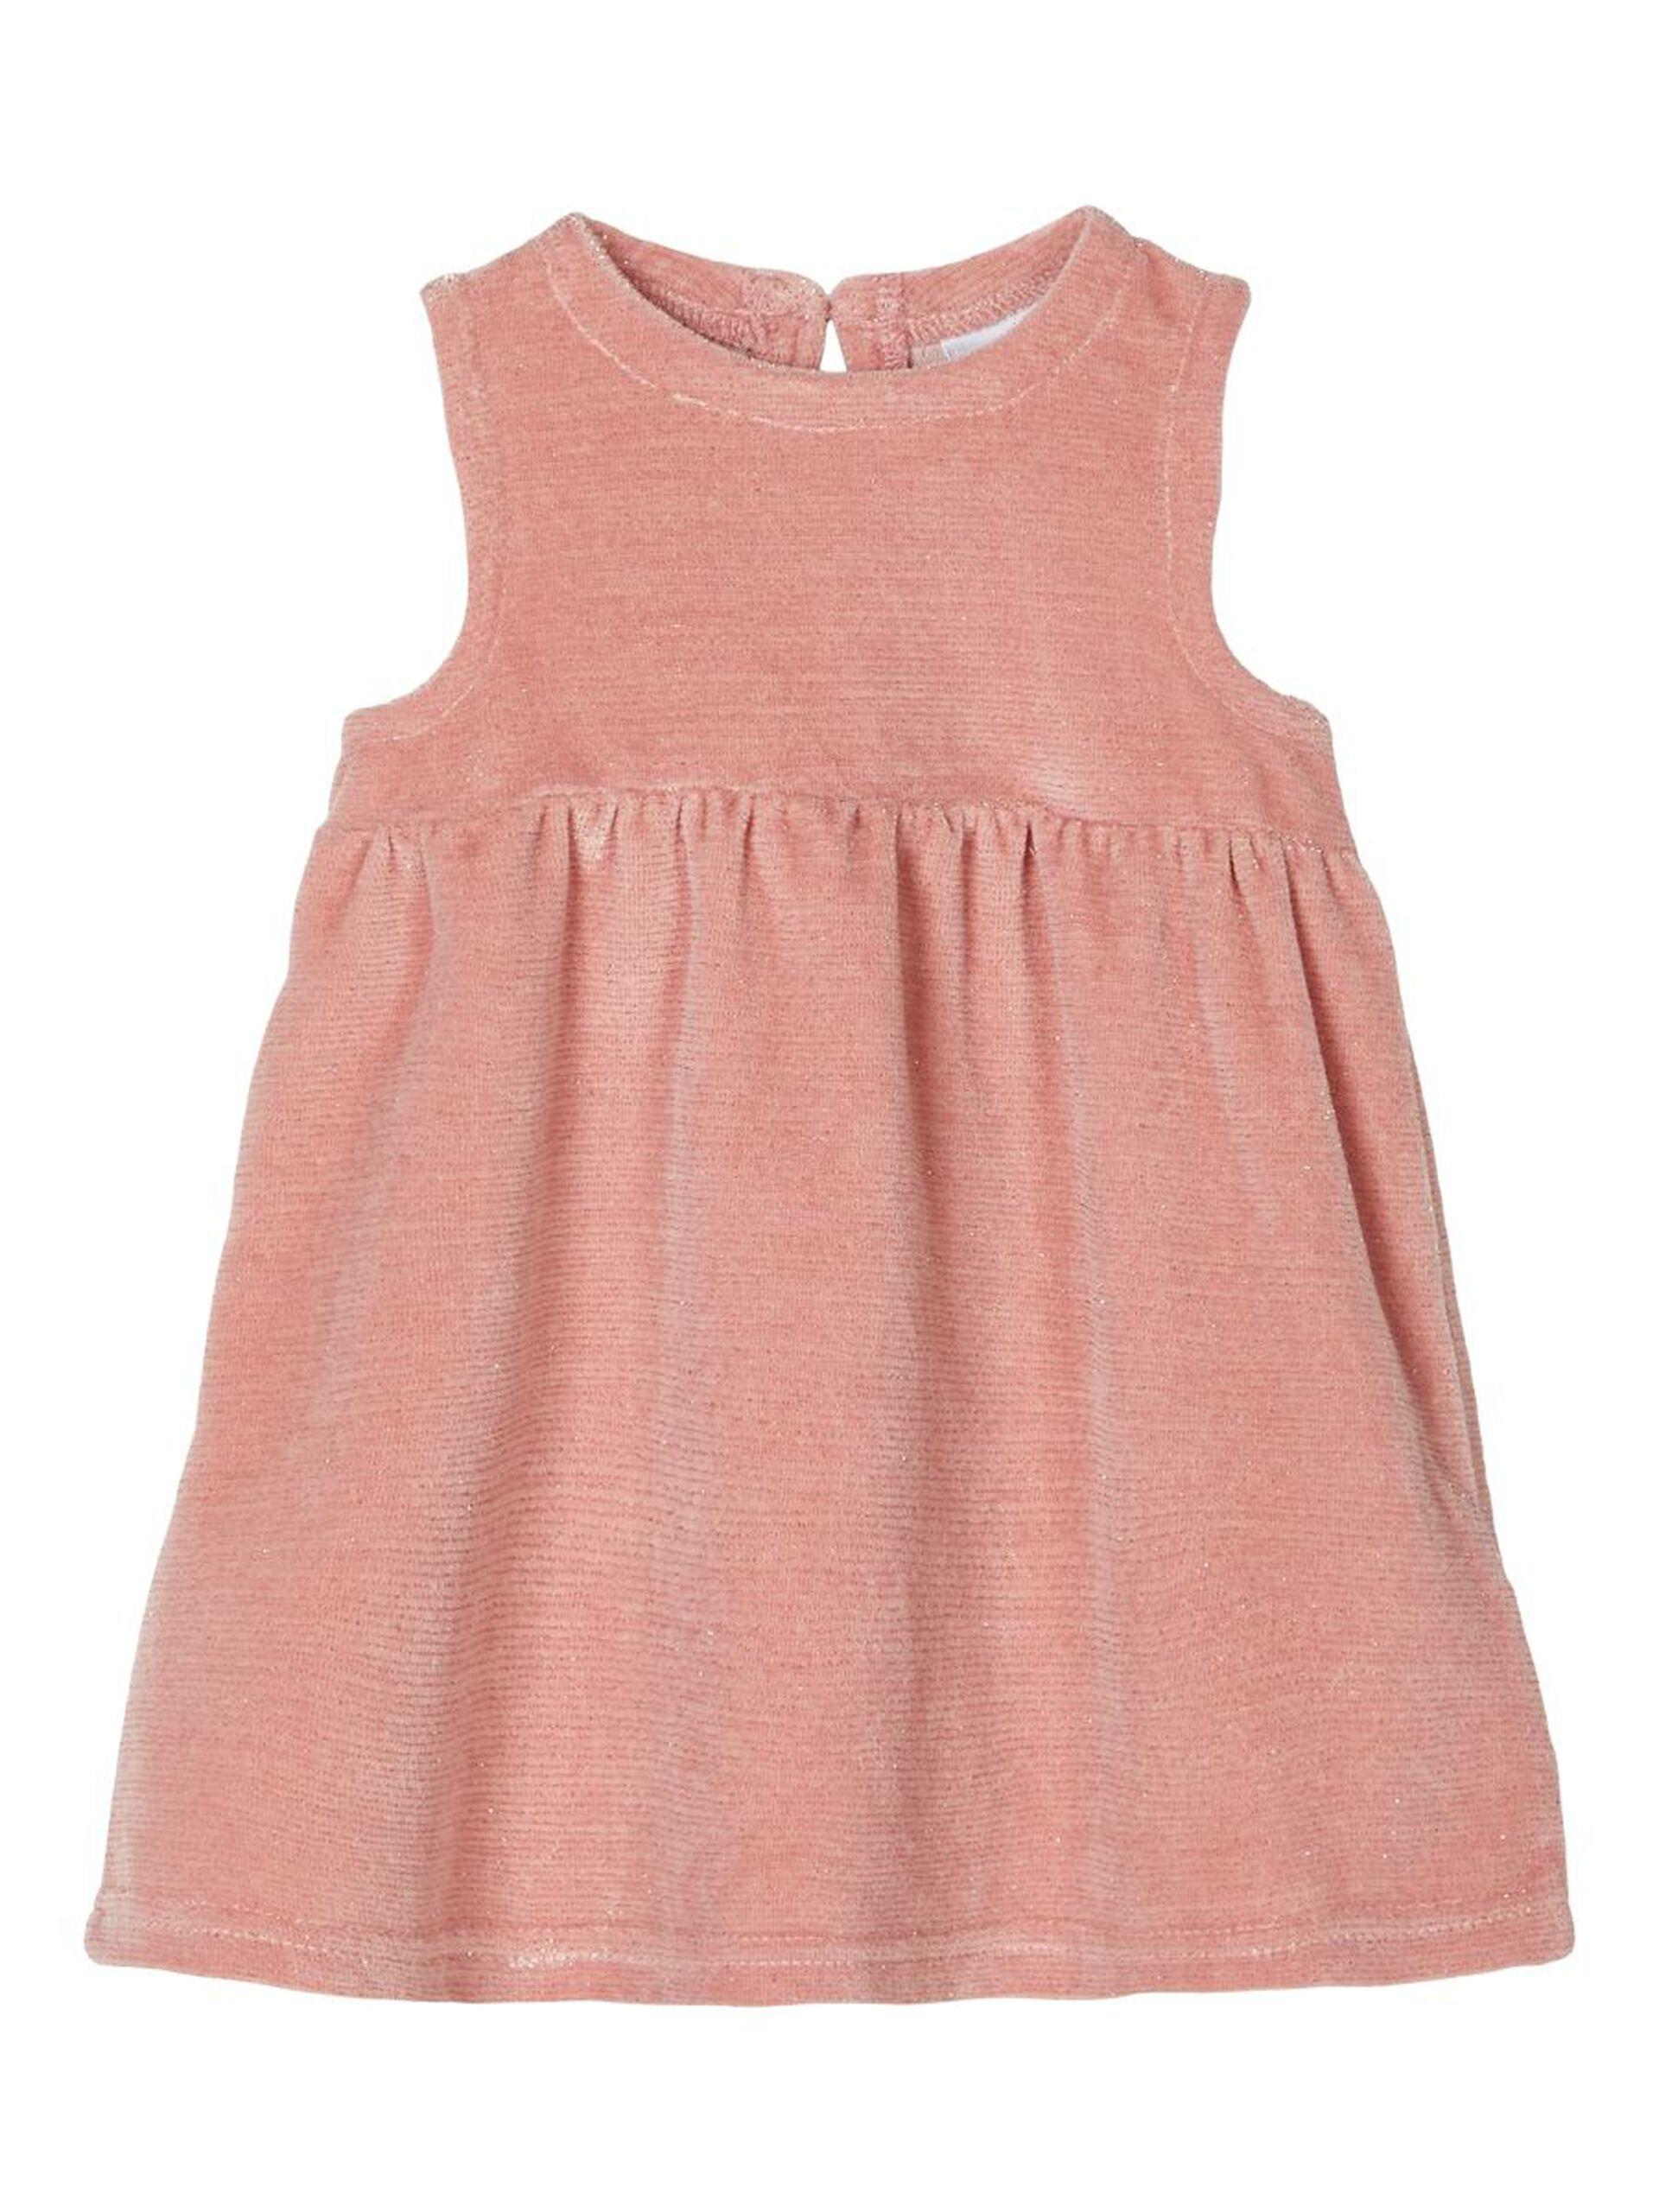 Rosa kjole baby